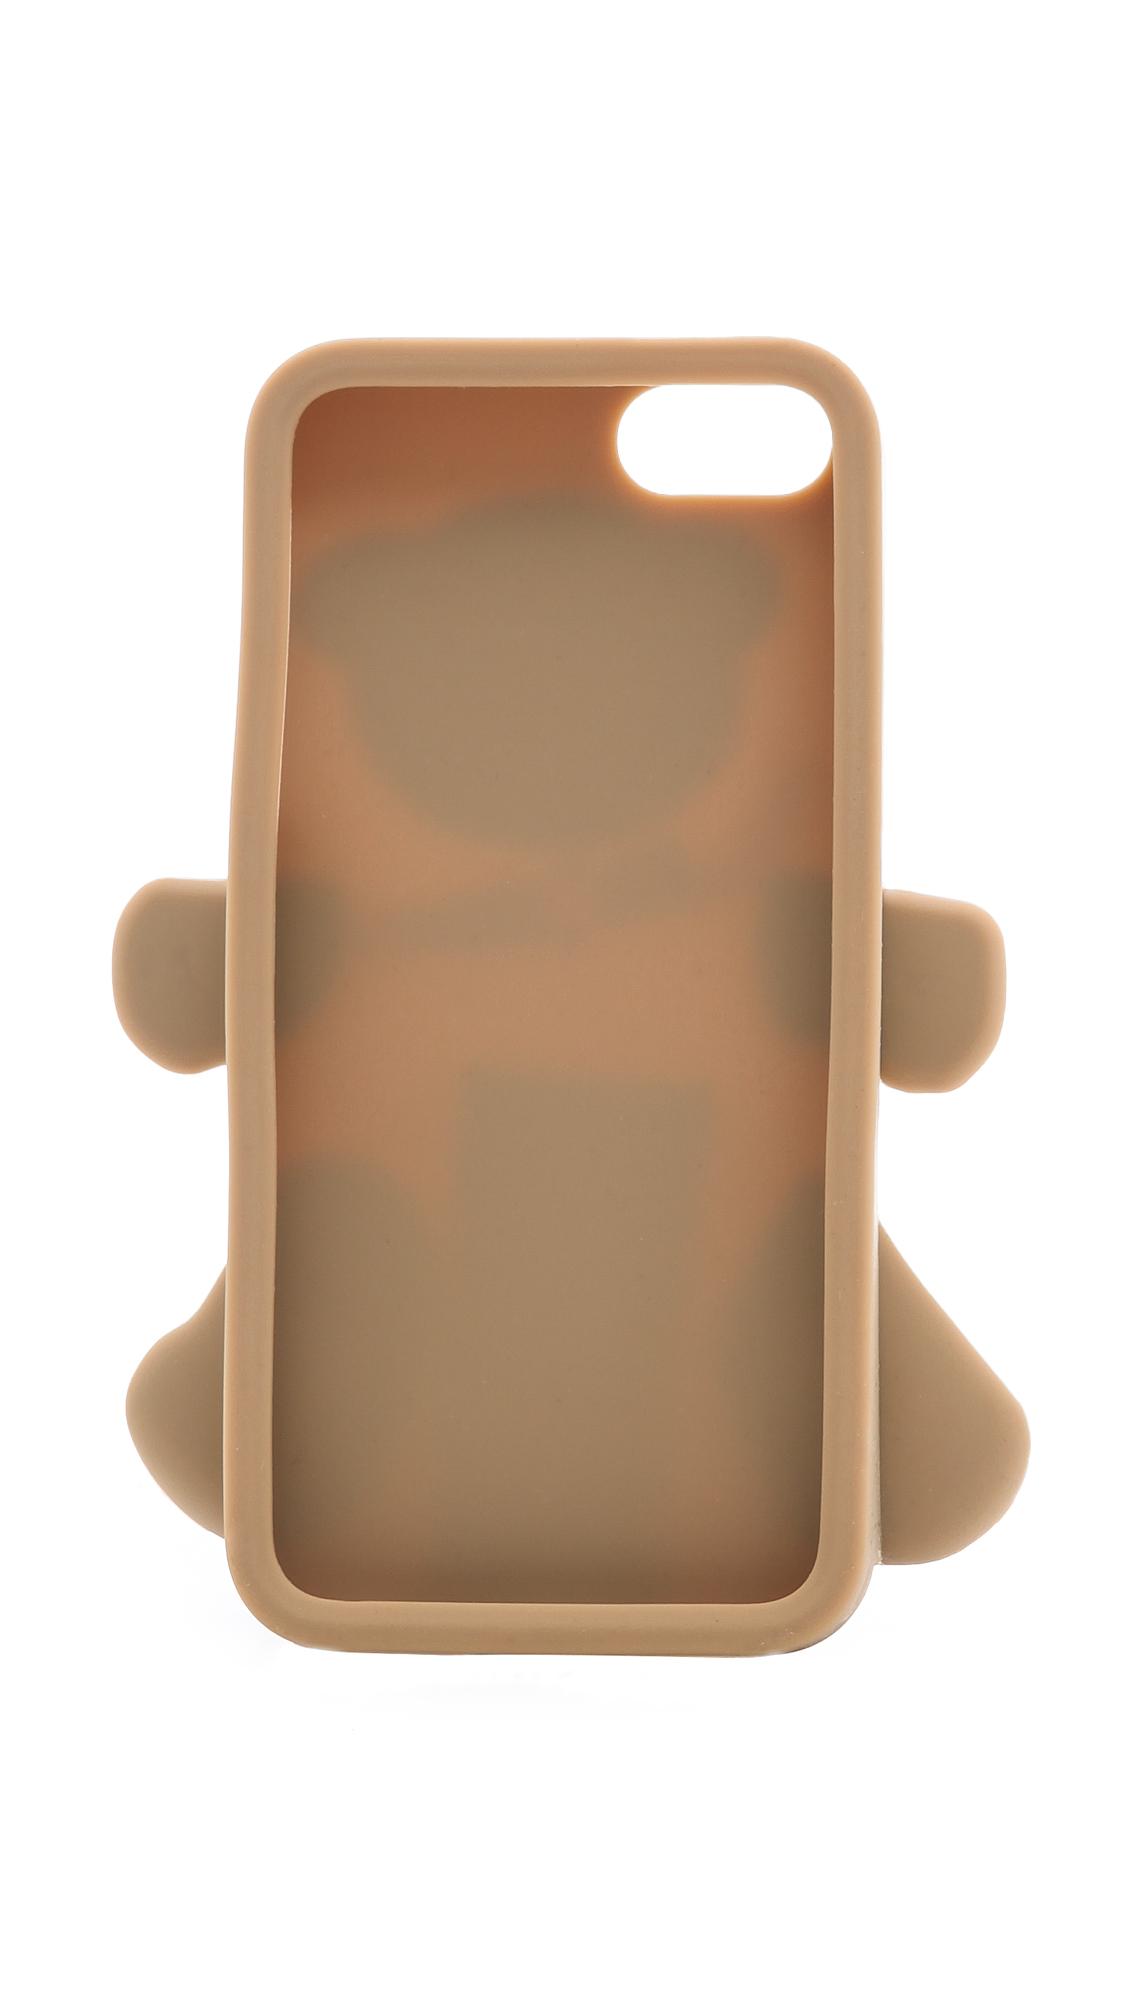 Iphoria Iphone